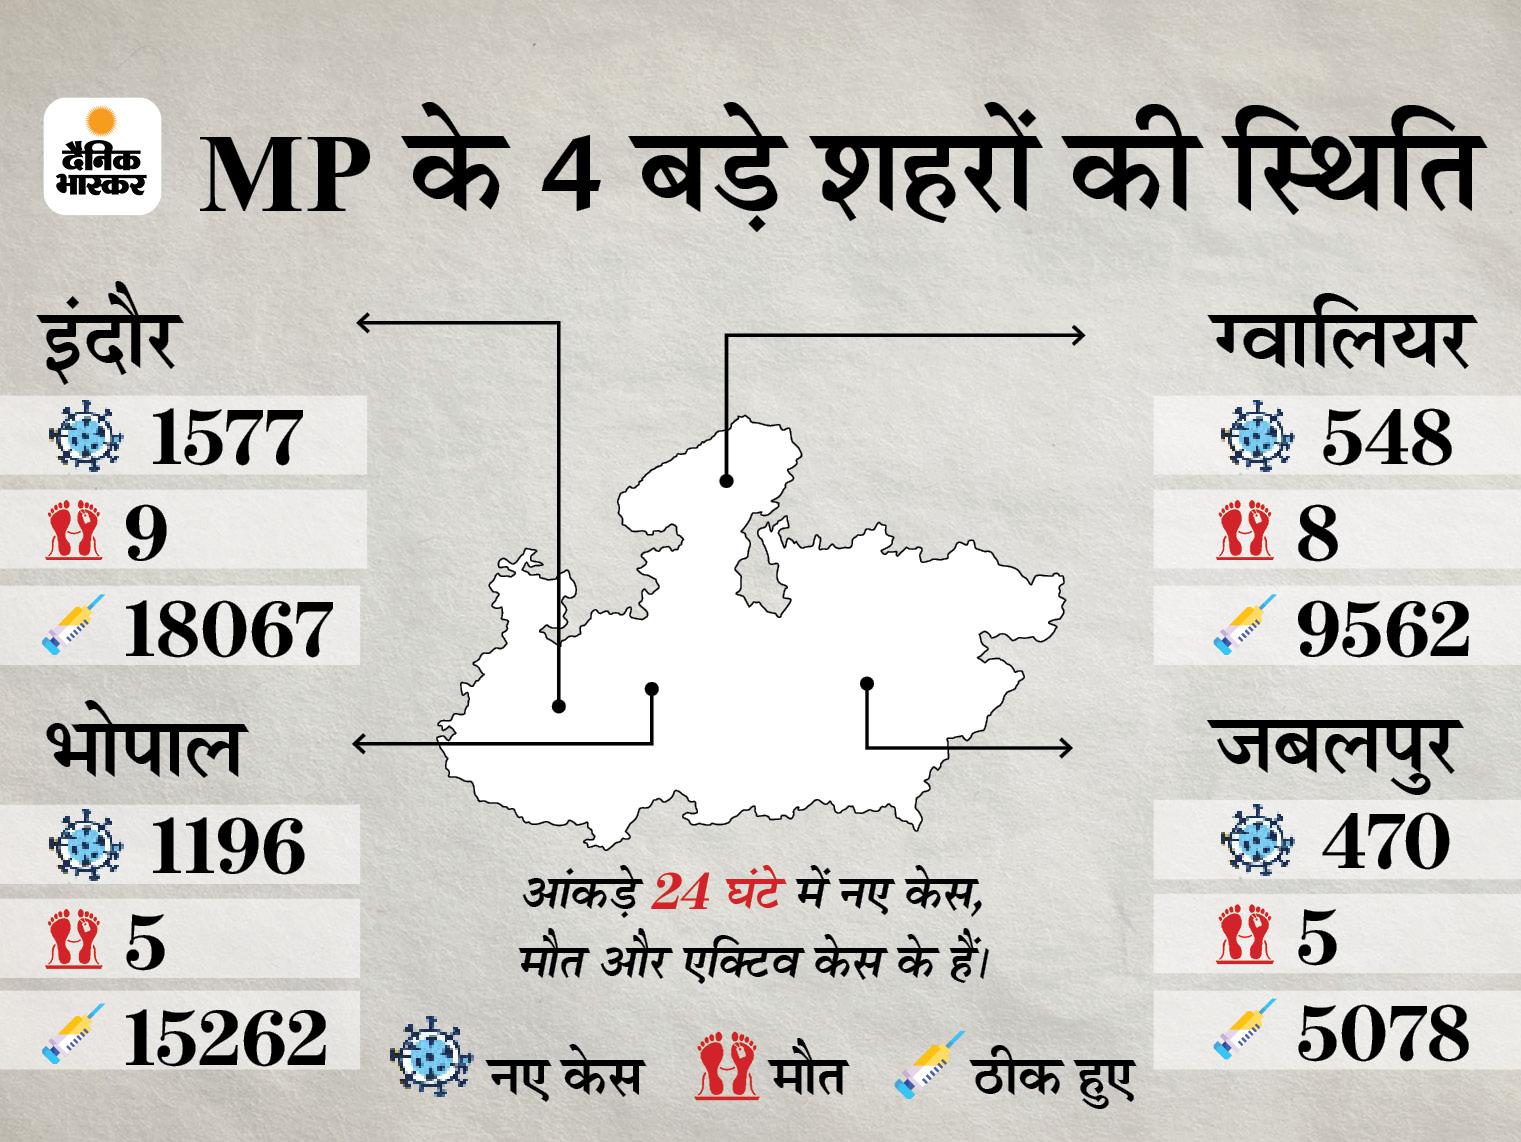 धार-अशोकनगर में 24 मई की सुबह 6 बजे और रतलाम में 25 मई तक पाबंदियां, कोरोना संक्रमित 7 लाख के पार मध्य प्रदेश,Madhya Pradesh - Dainik Bhaskar